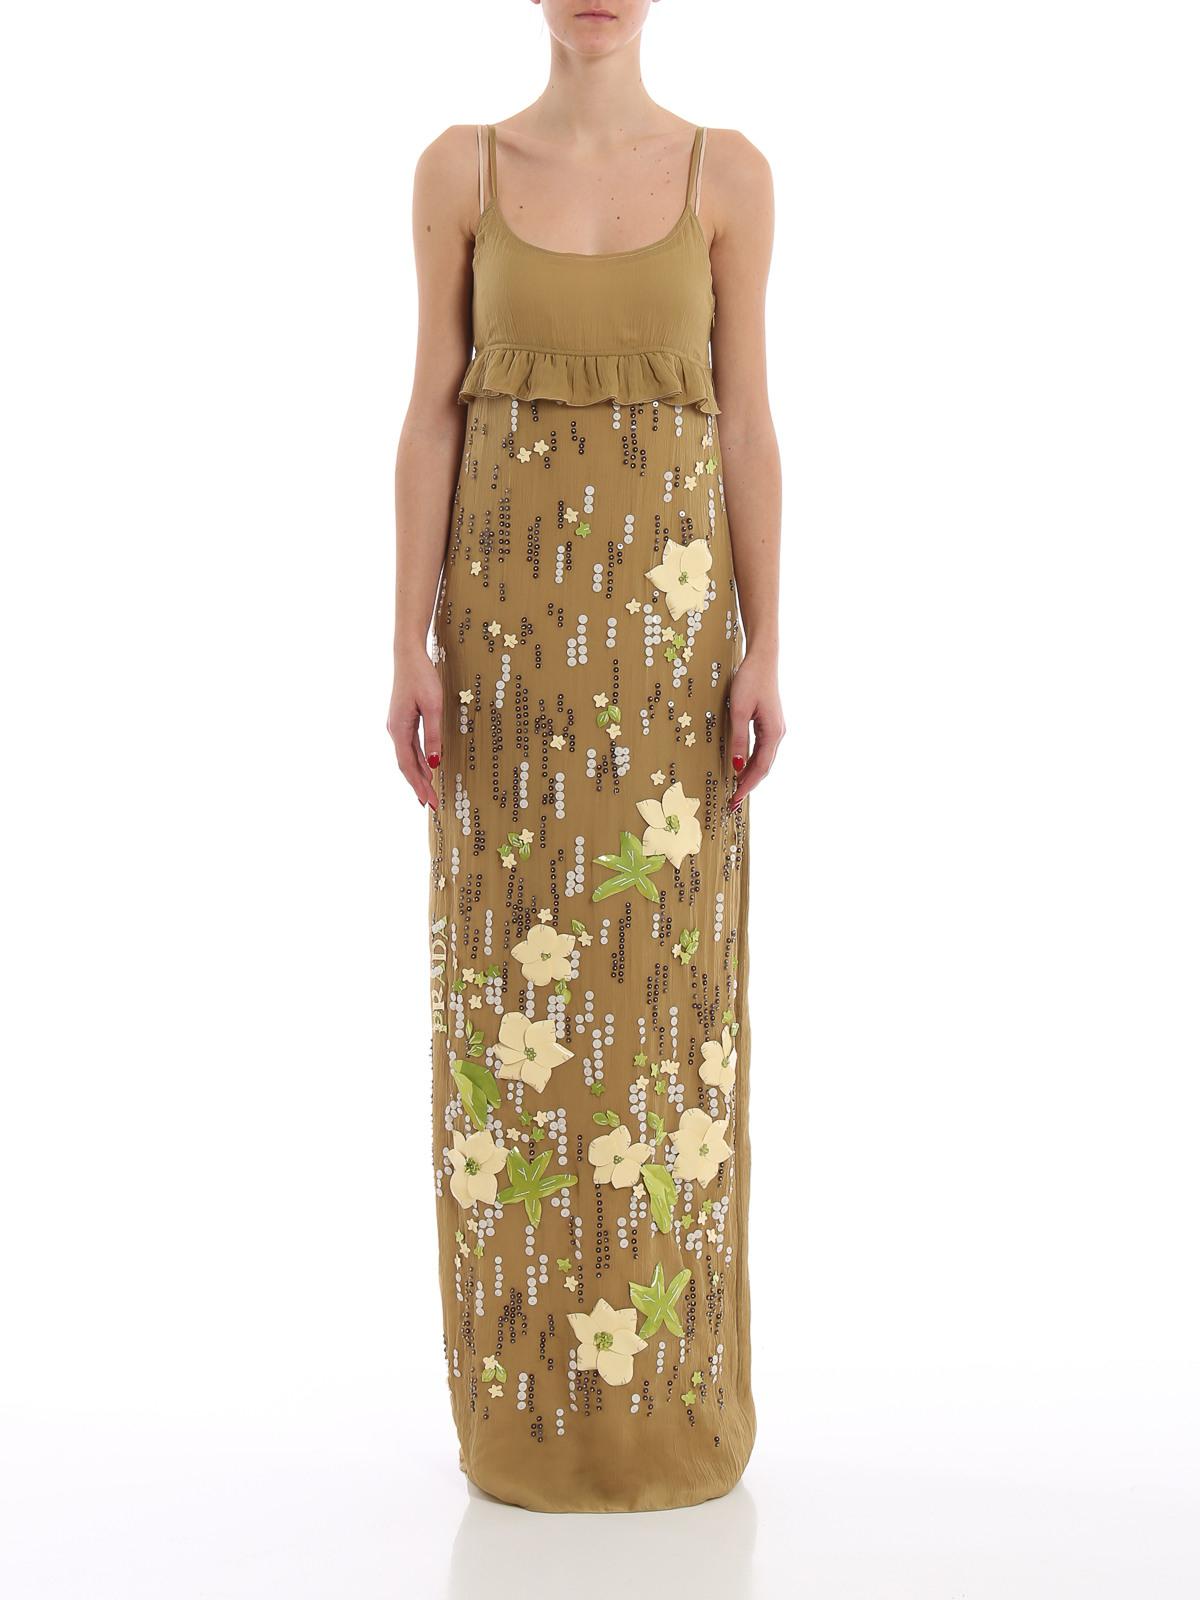 Fantastisch Prada Abendkleid Spezialgebiet20 Luxurius Prada Abendkleid Design